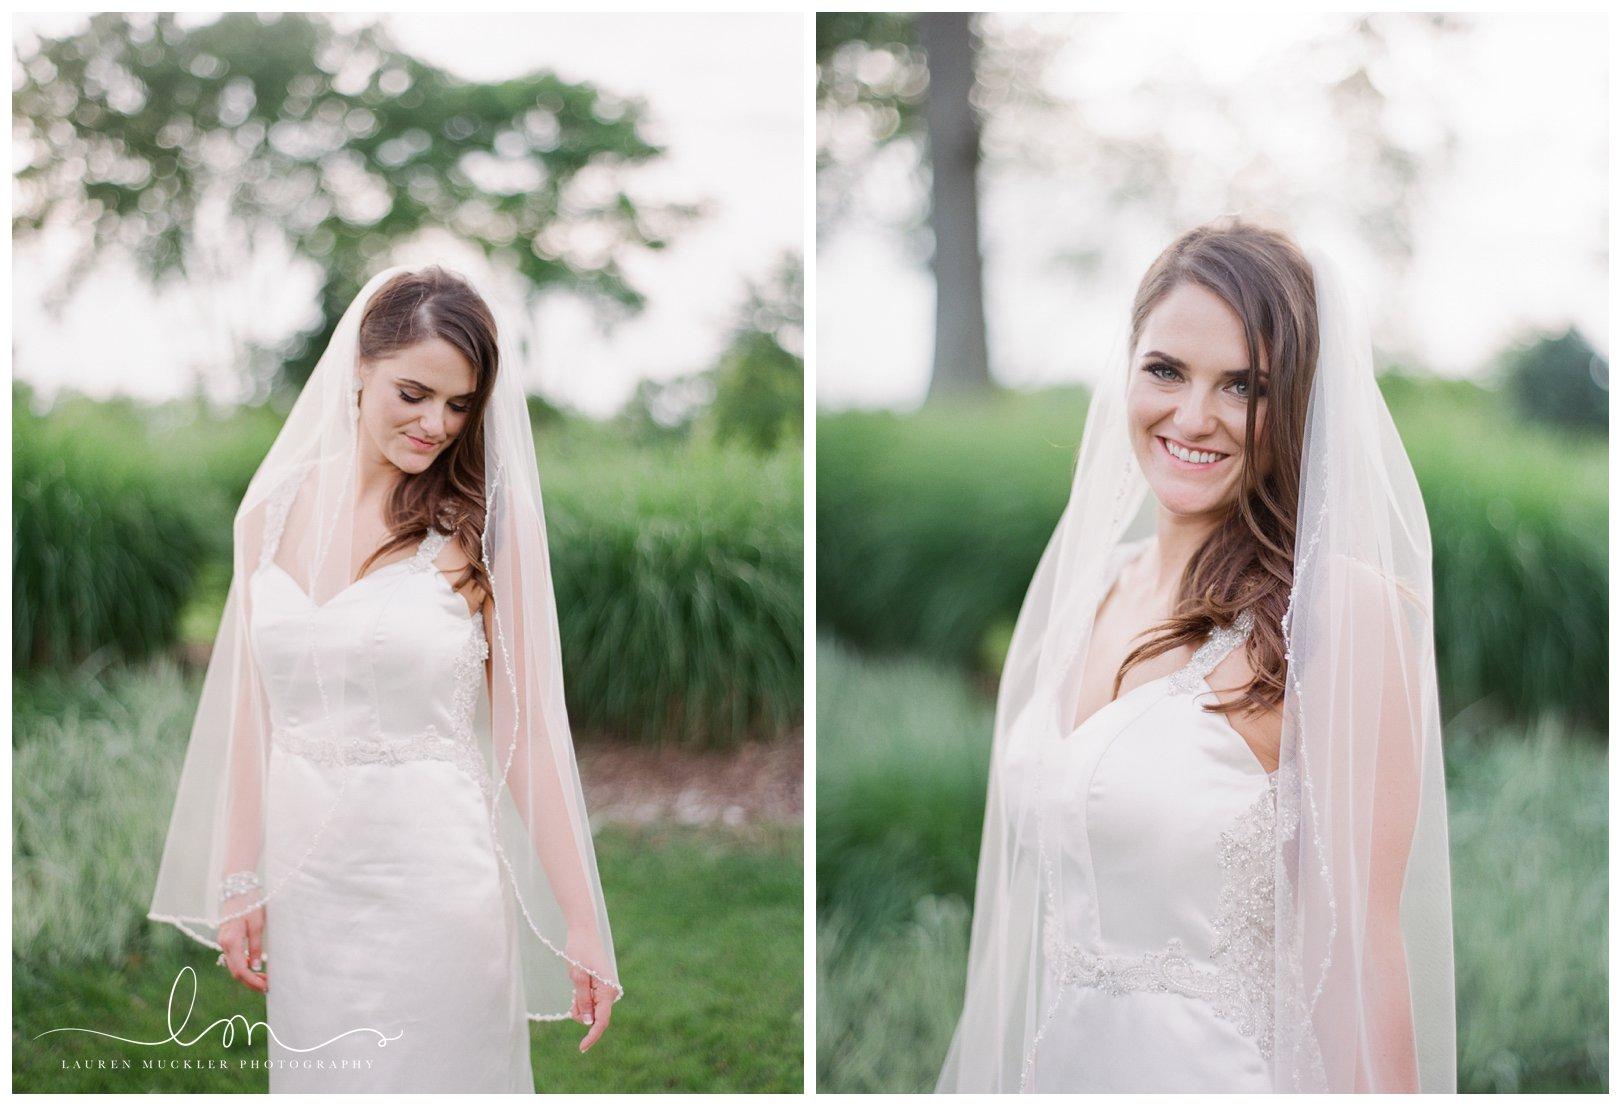 lauren muckler photography_fine art film wedding photography_st louis_photography_0237.jpg